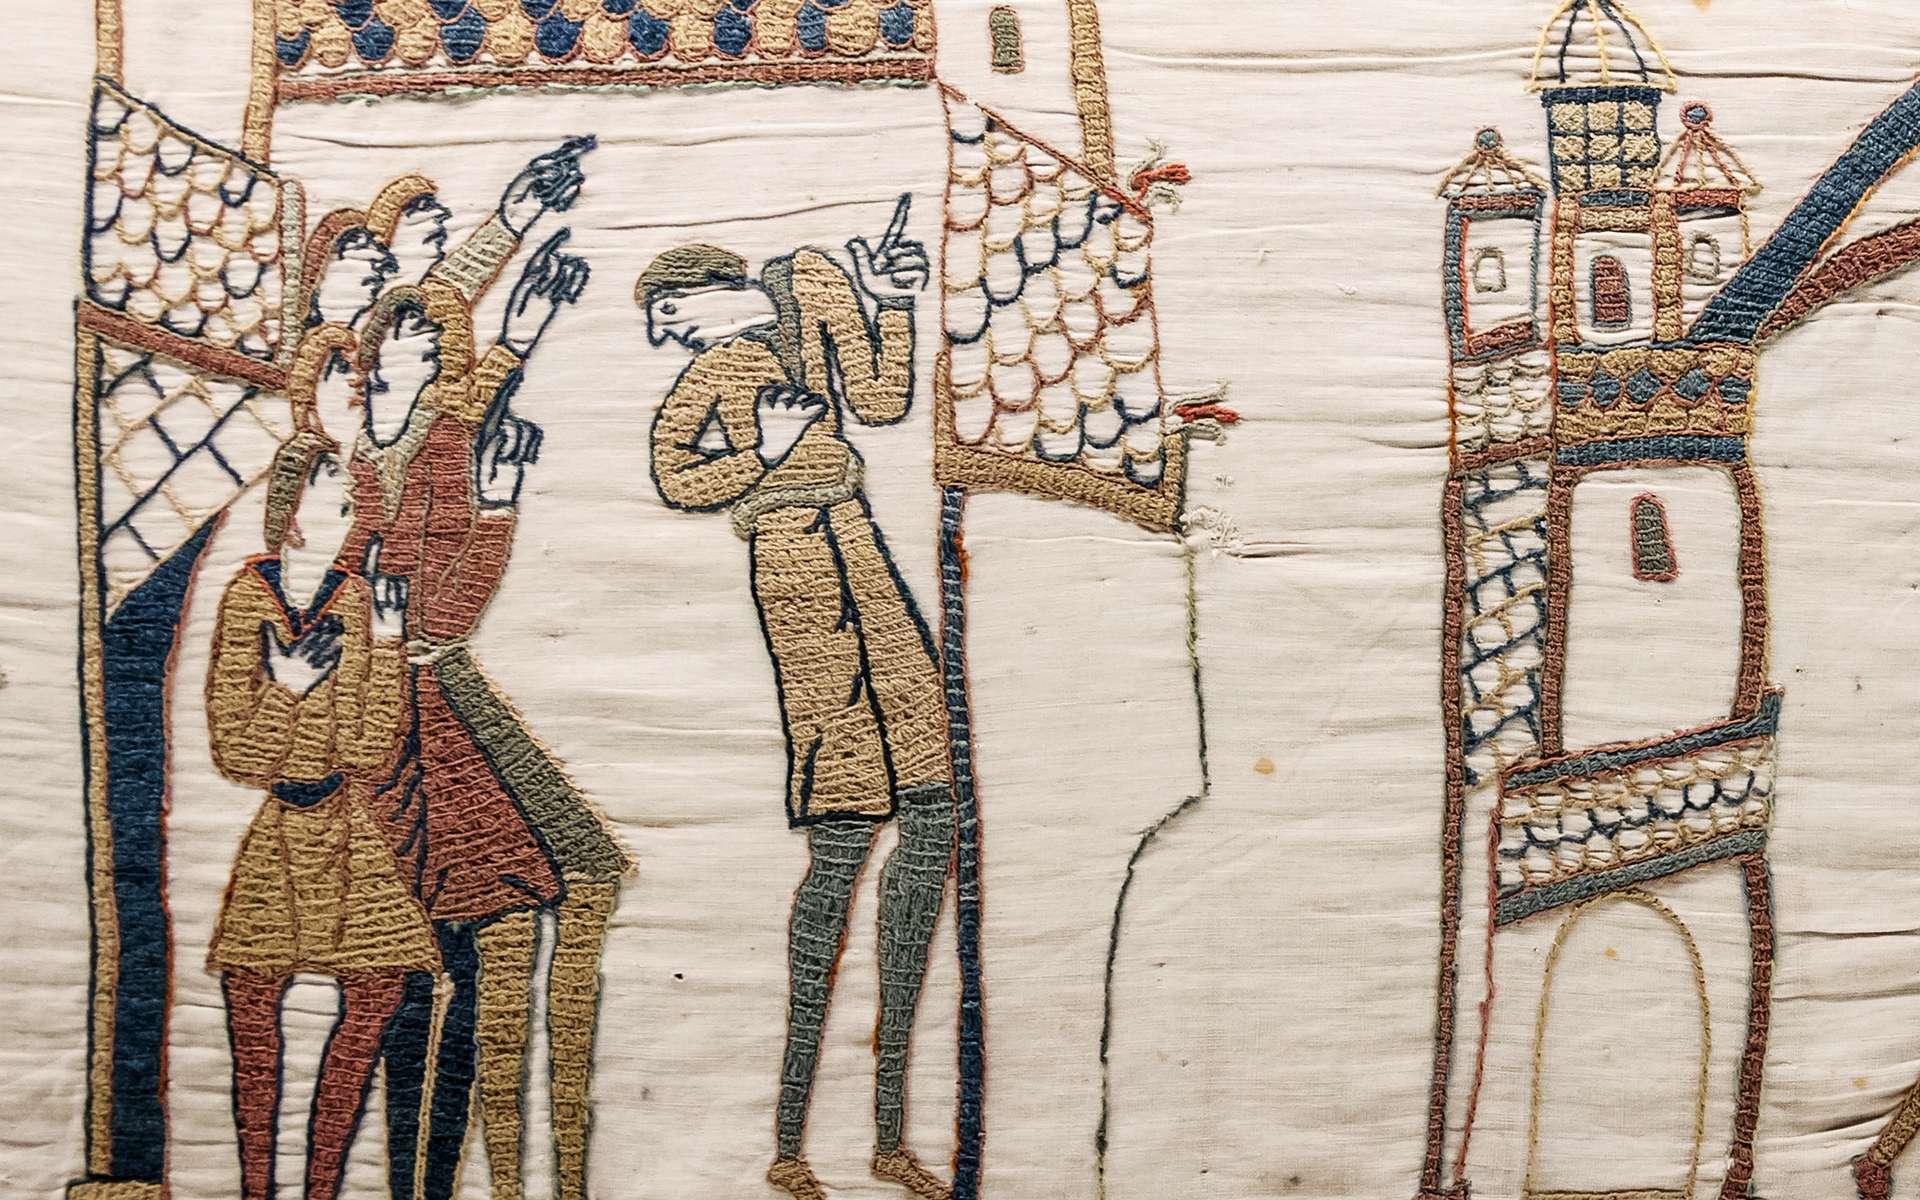 La tapisserie de Bayeux illustre quelques événements inattendus, comme le passage de la comète de Halley en 1066. © Myrabella, Wikimedia Commons, DP